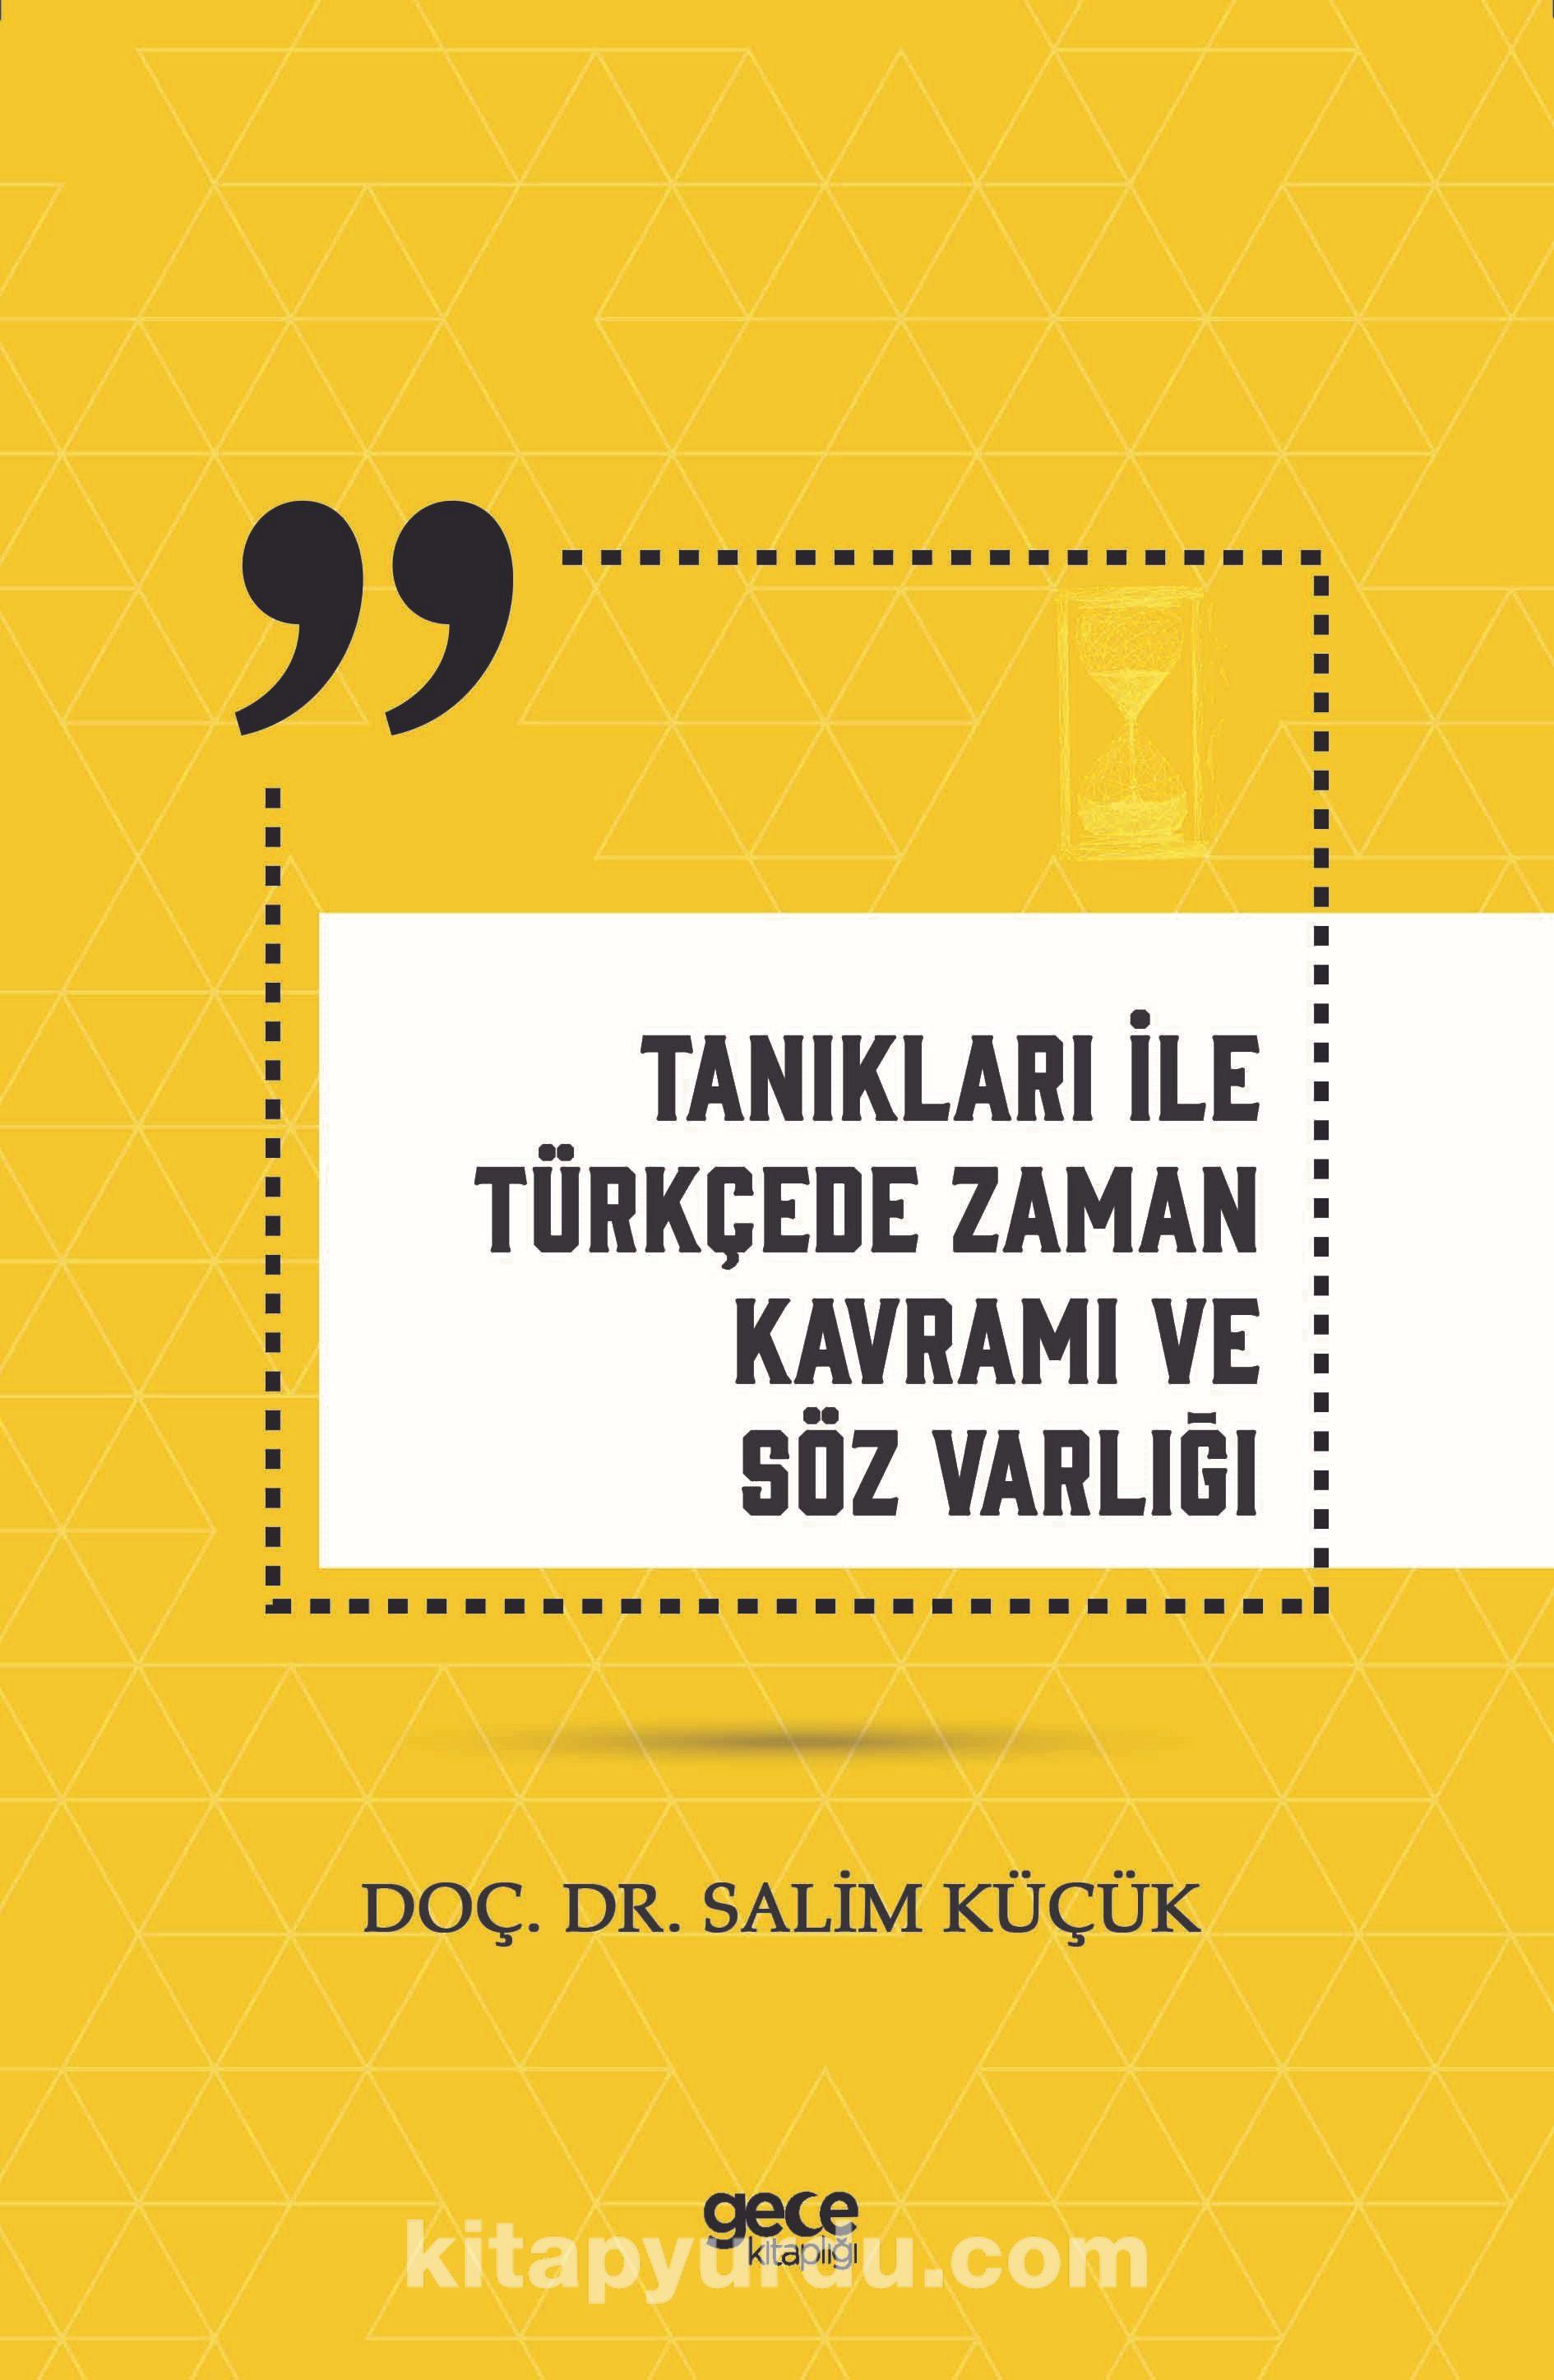 Tanıkları ile Türkçede Zaman Kavramı ve Söz Varlığı